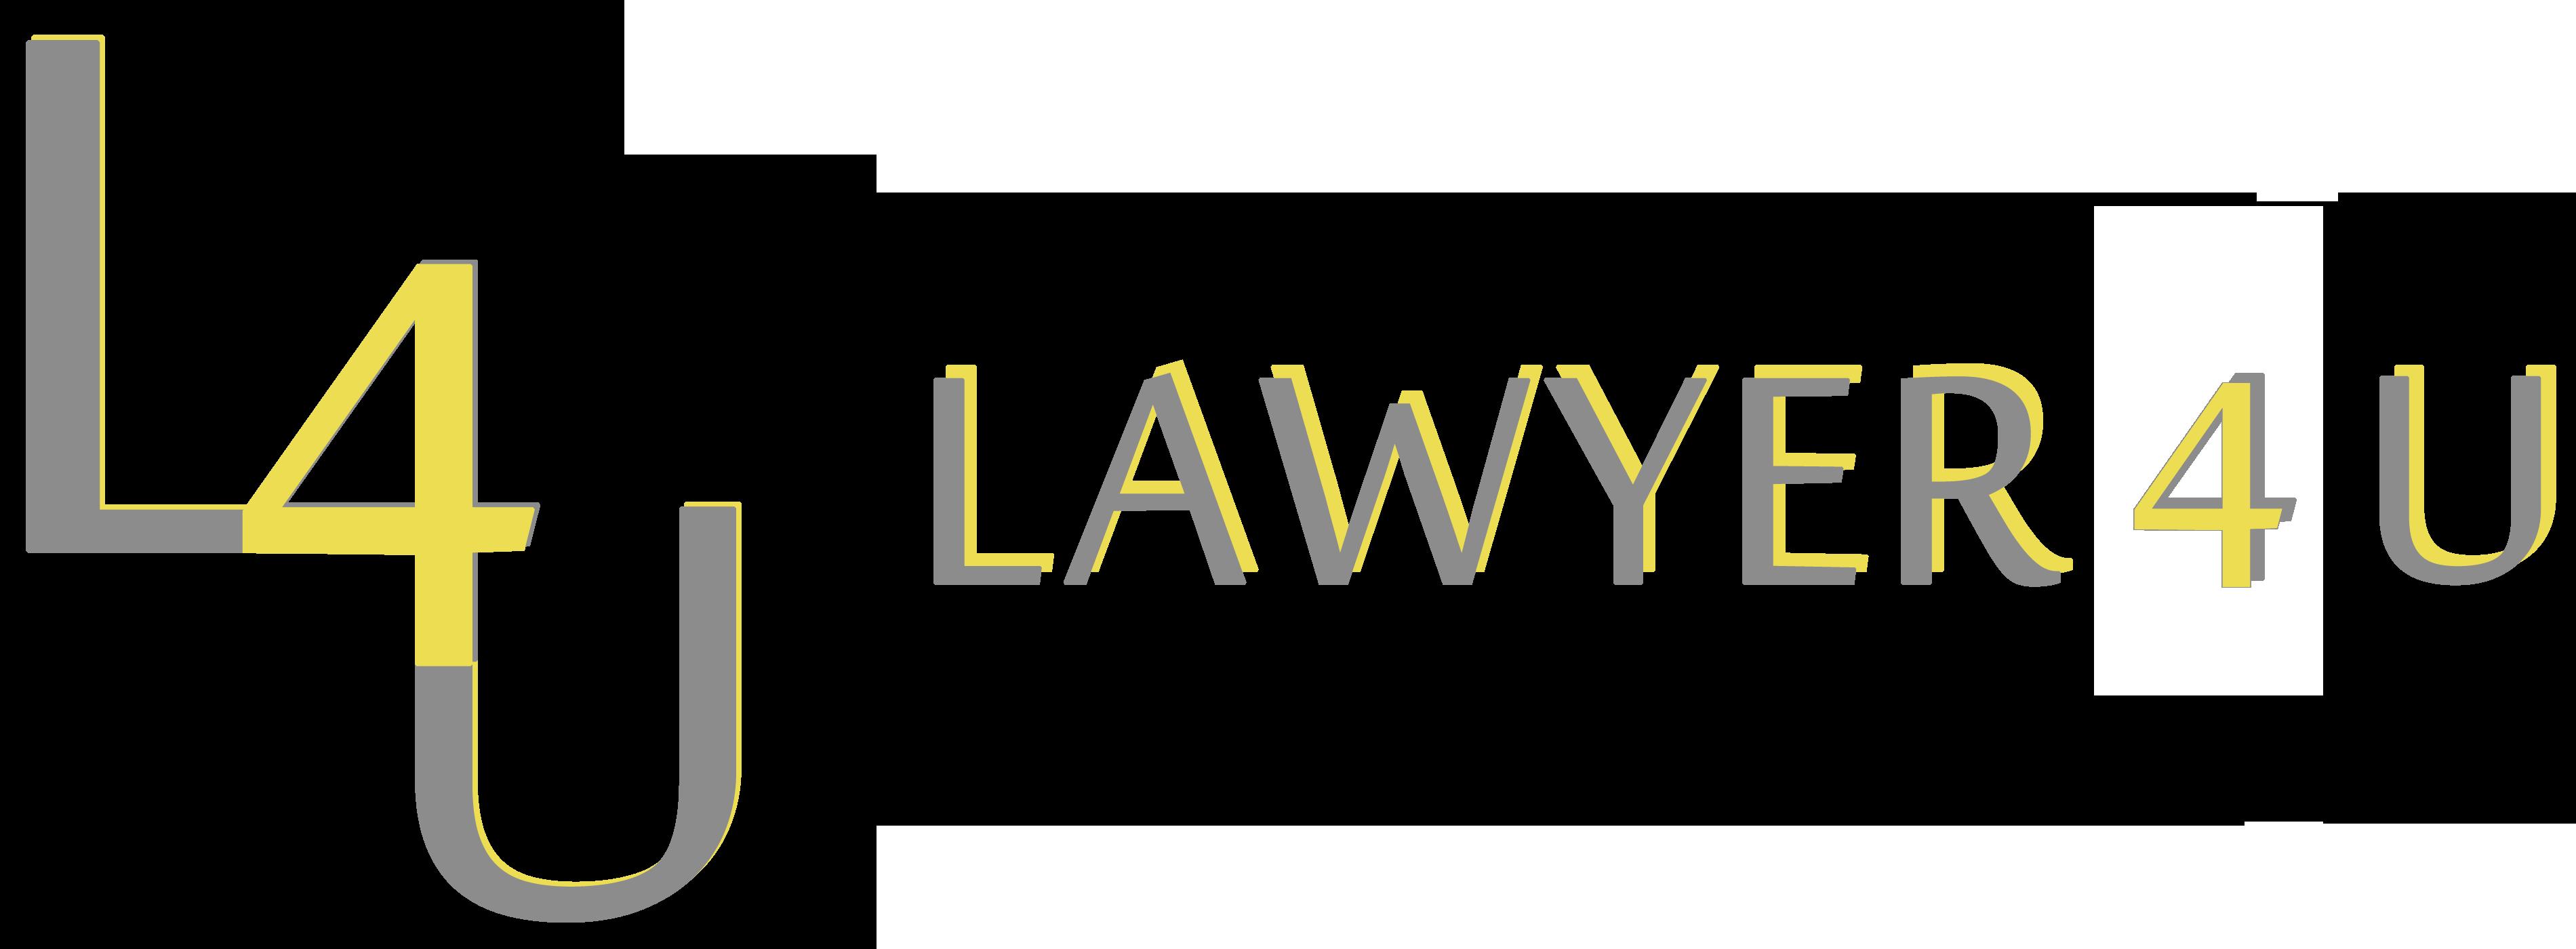 Lawyer 4 U